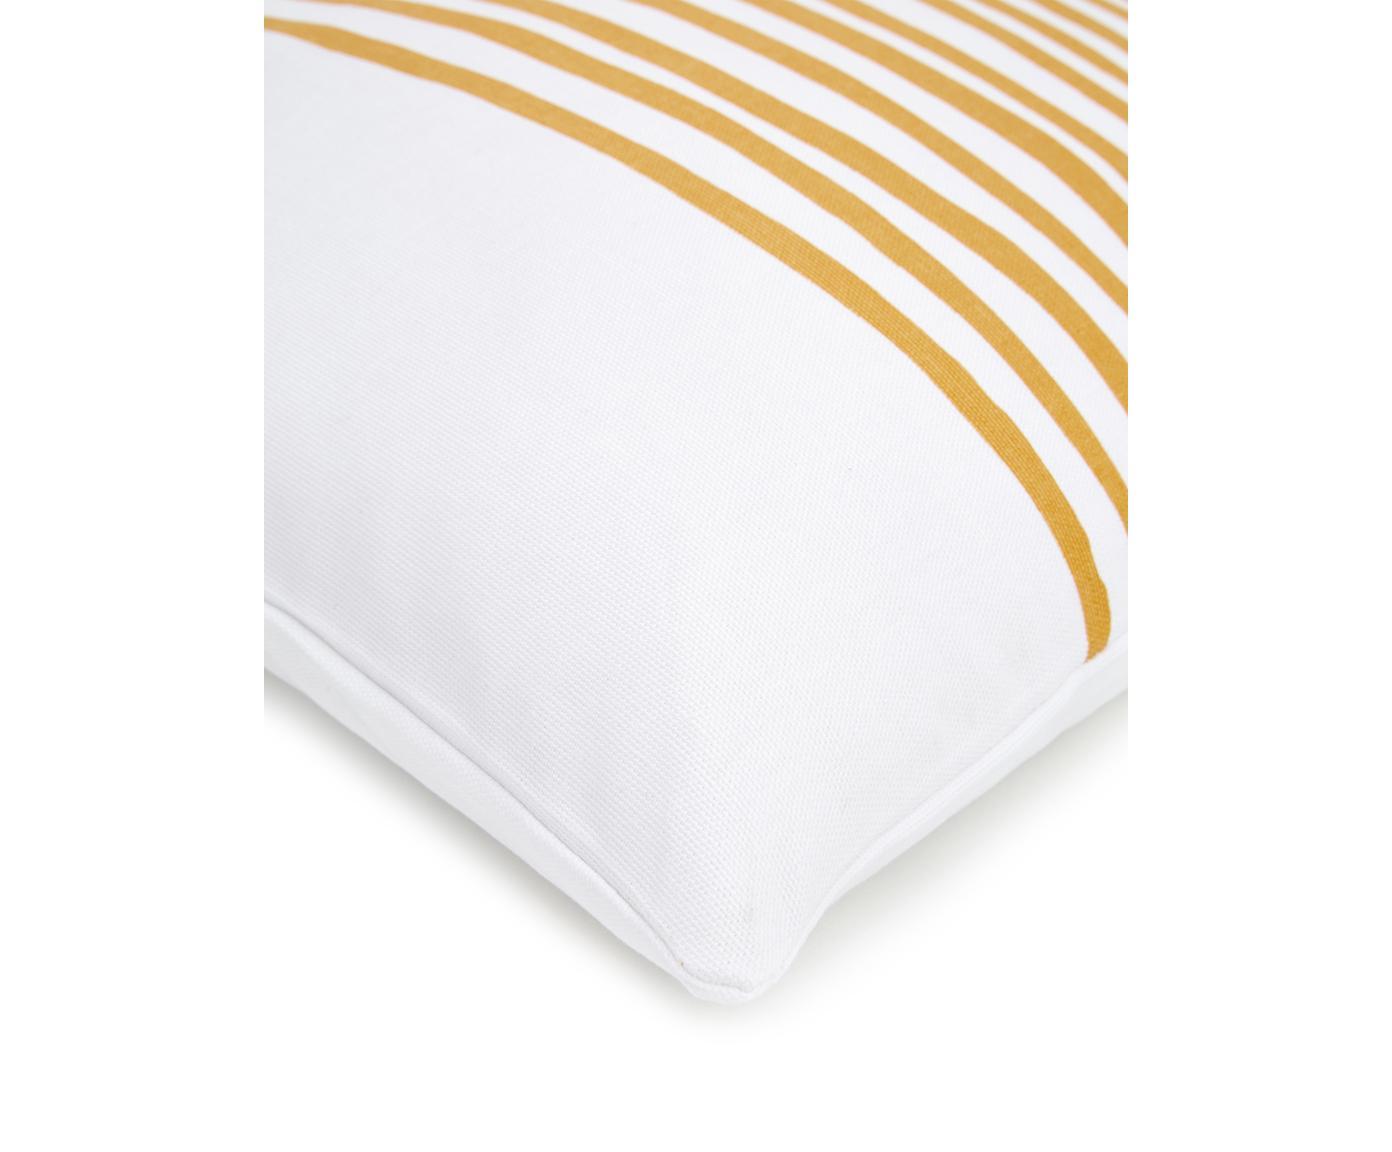 Poszewka na poduszkę Corey, Bawełna, Żółty, biały, S 40 x D 40 cm